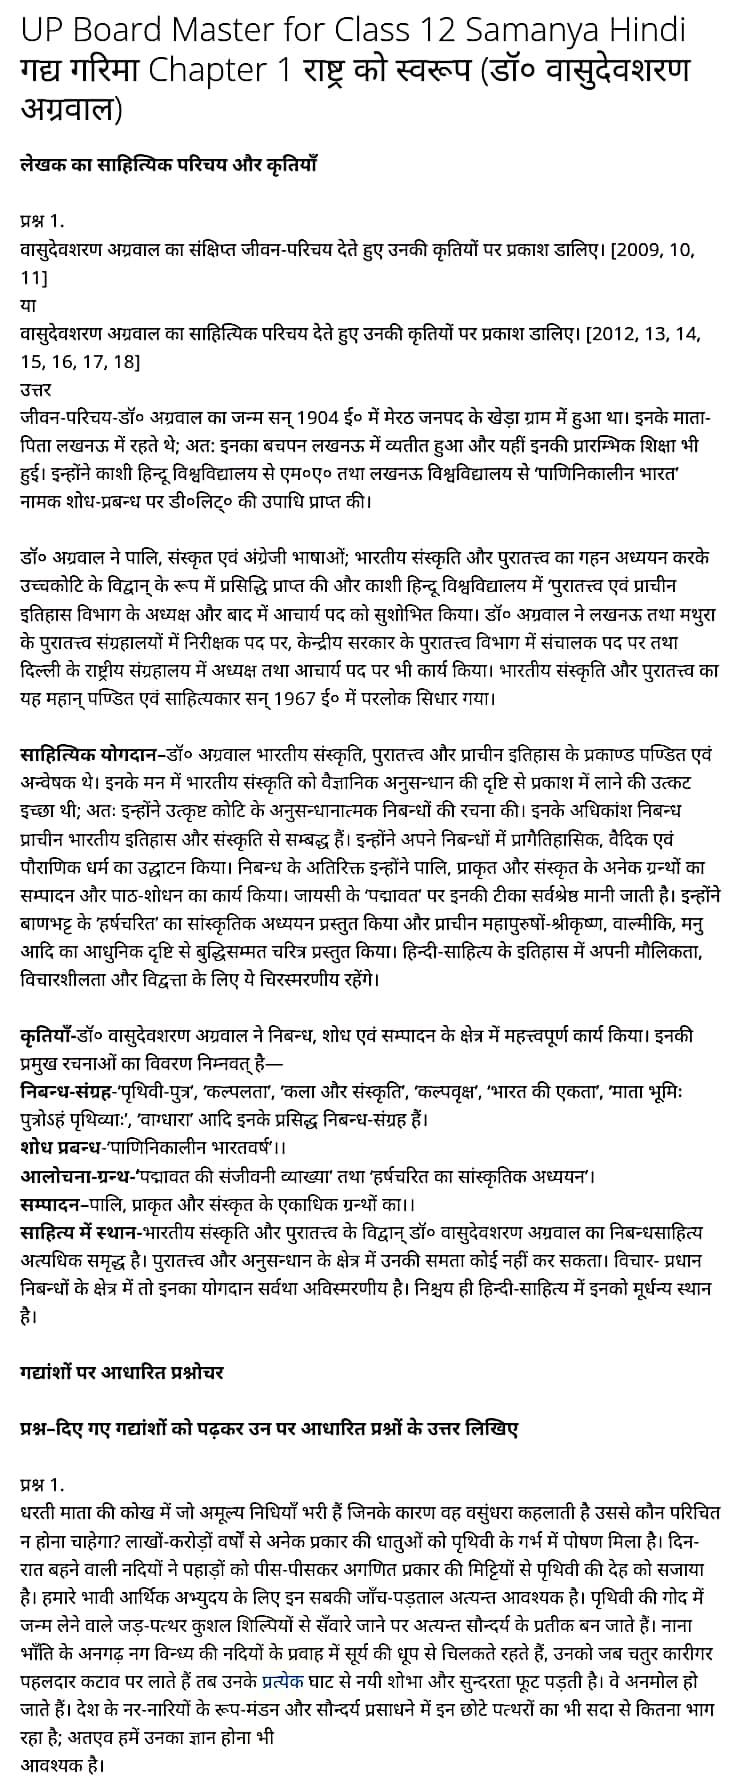 UP Board Solutions for Class 12 Samanya Hindi गद्य गरिमा Chapter 1 राष्ट्र को स्वरूप (डॉ० वासुदेवशरण अग्रवाल)